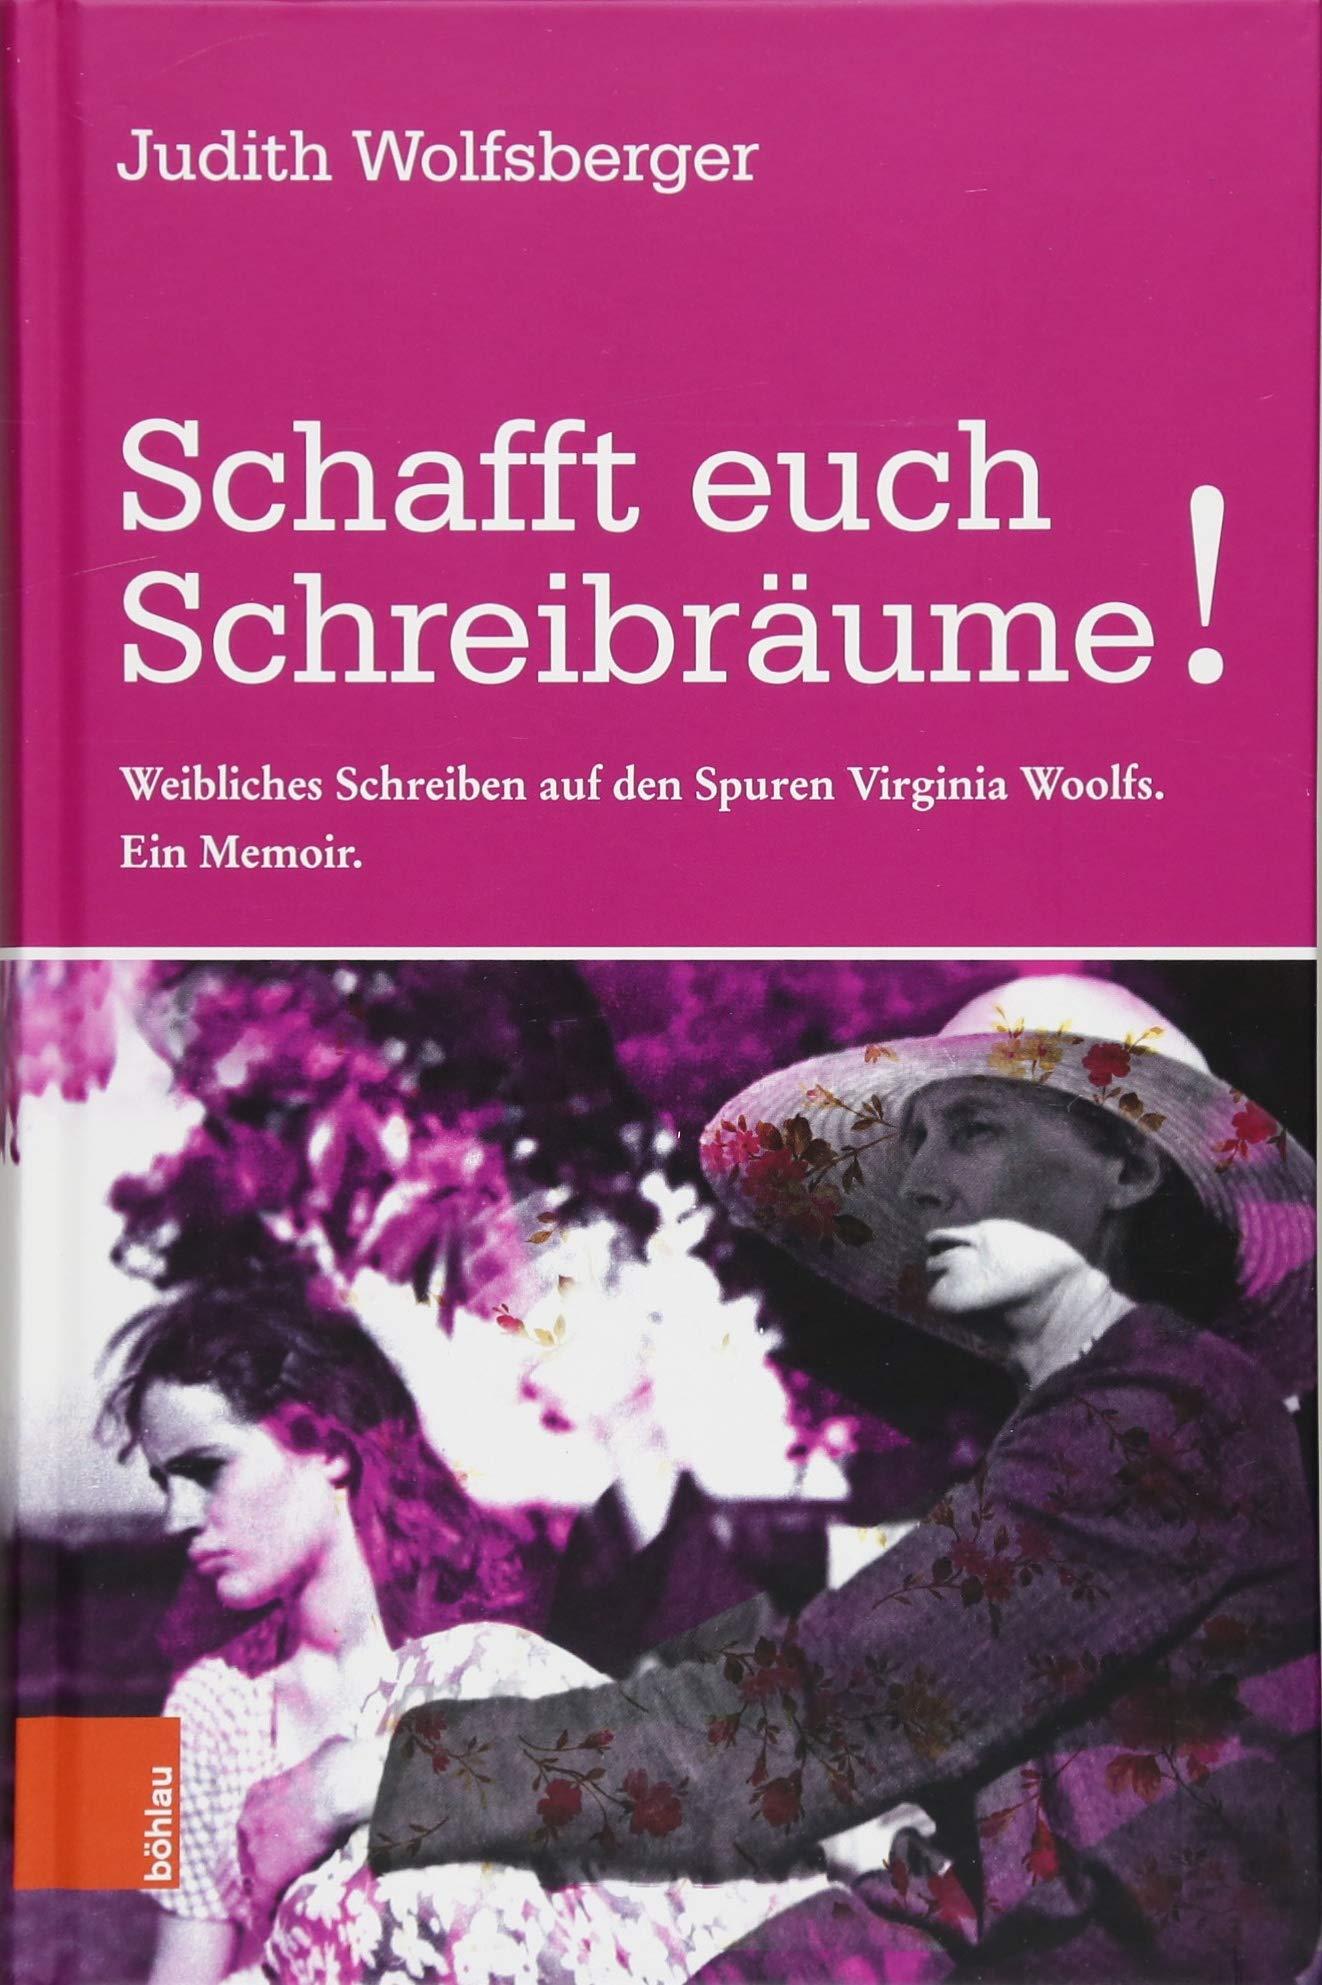 Schafft euch Schreibräume!: Weibliches Schreiben auf den Spuren Virginia Woolfs. Ein Memoir